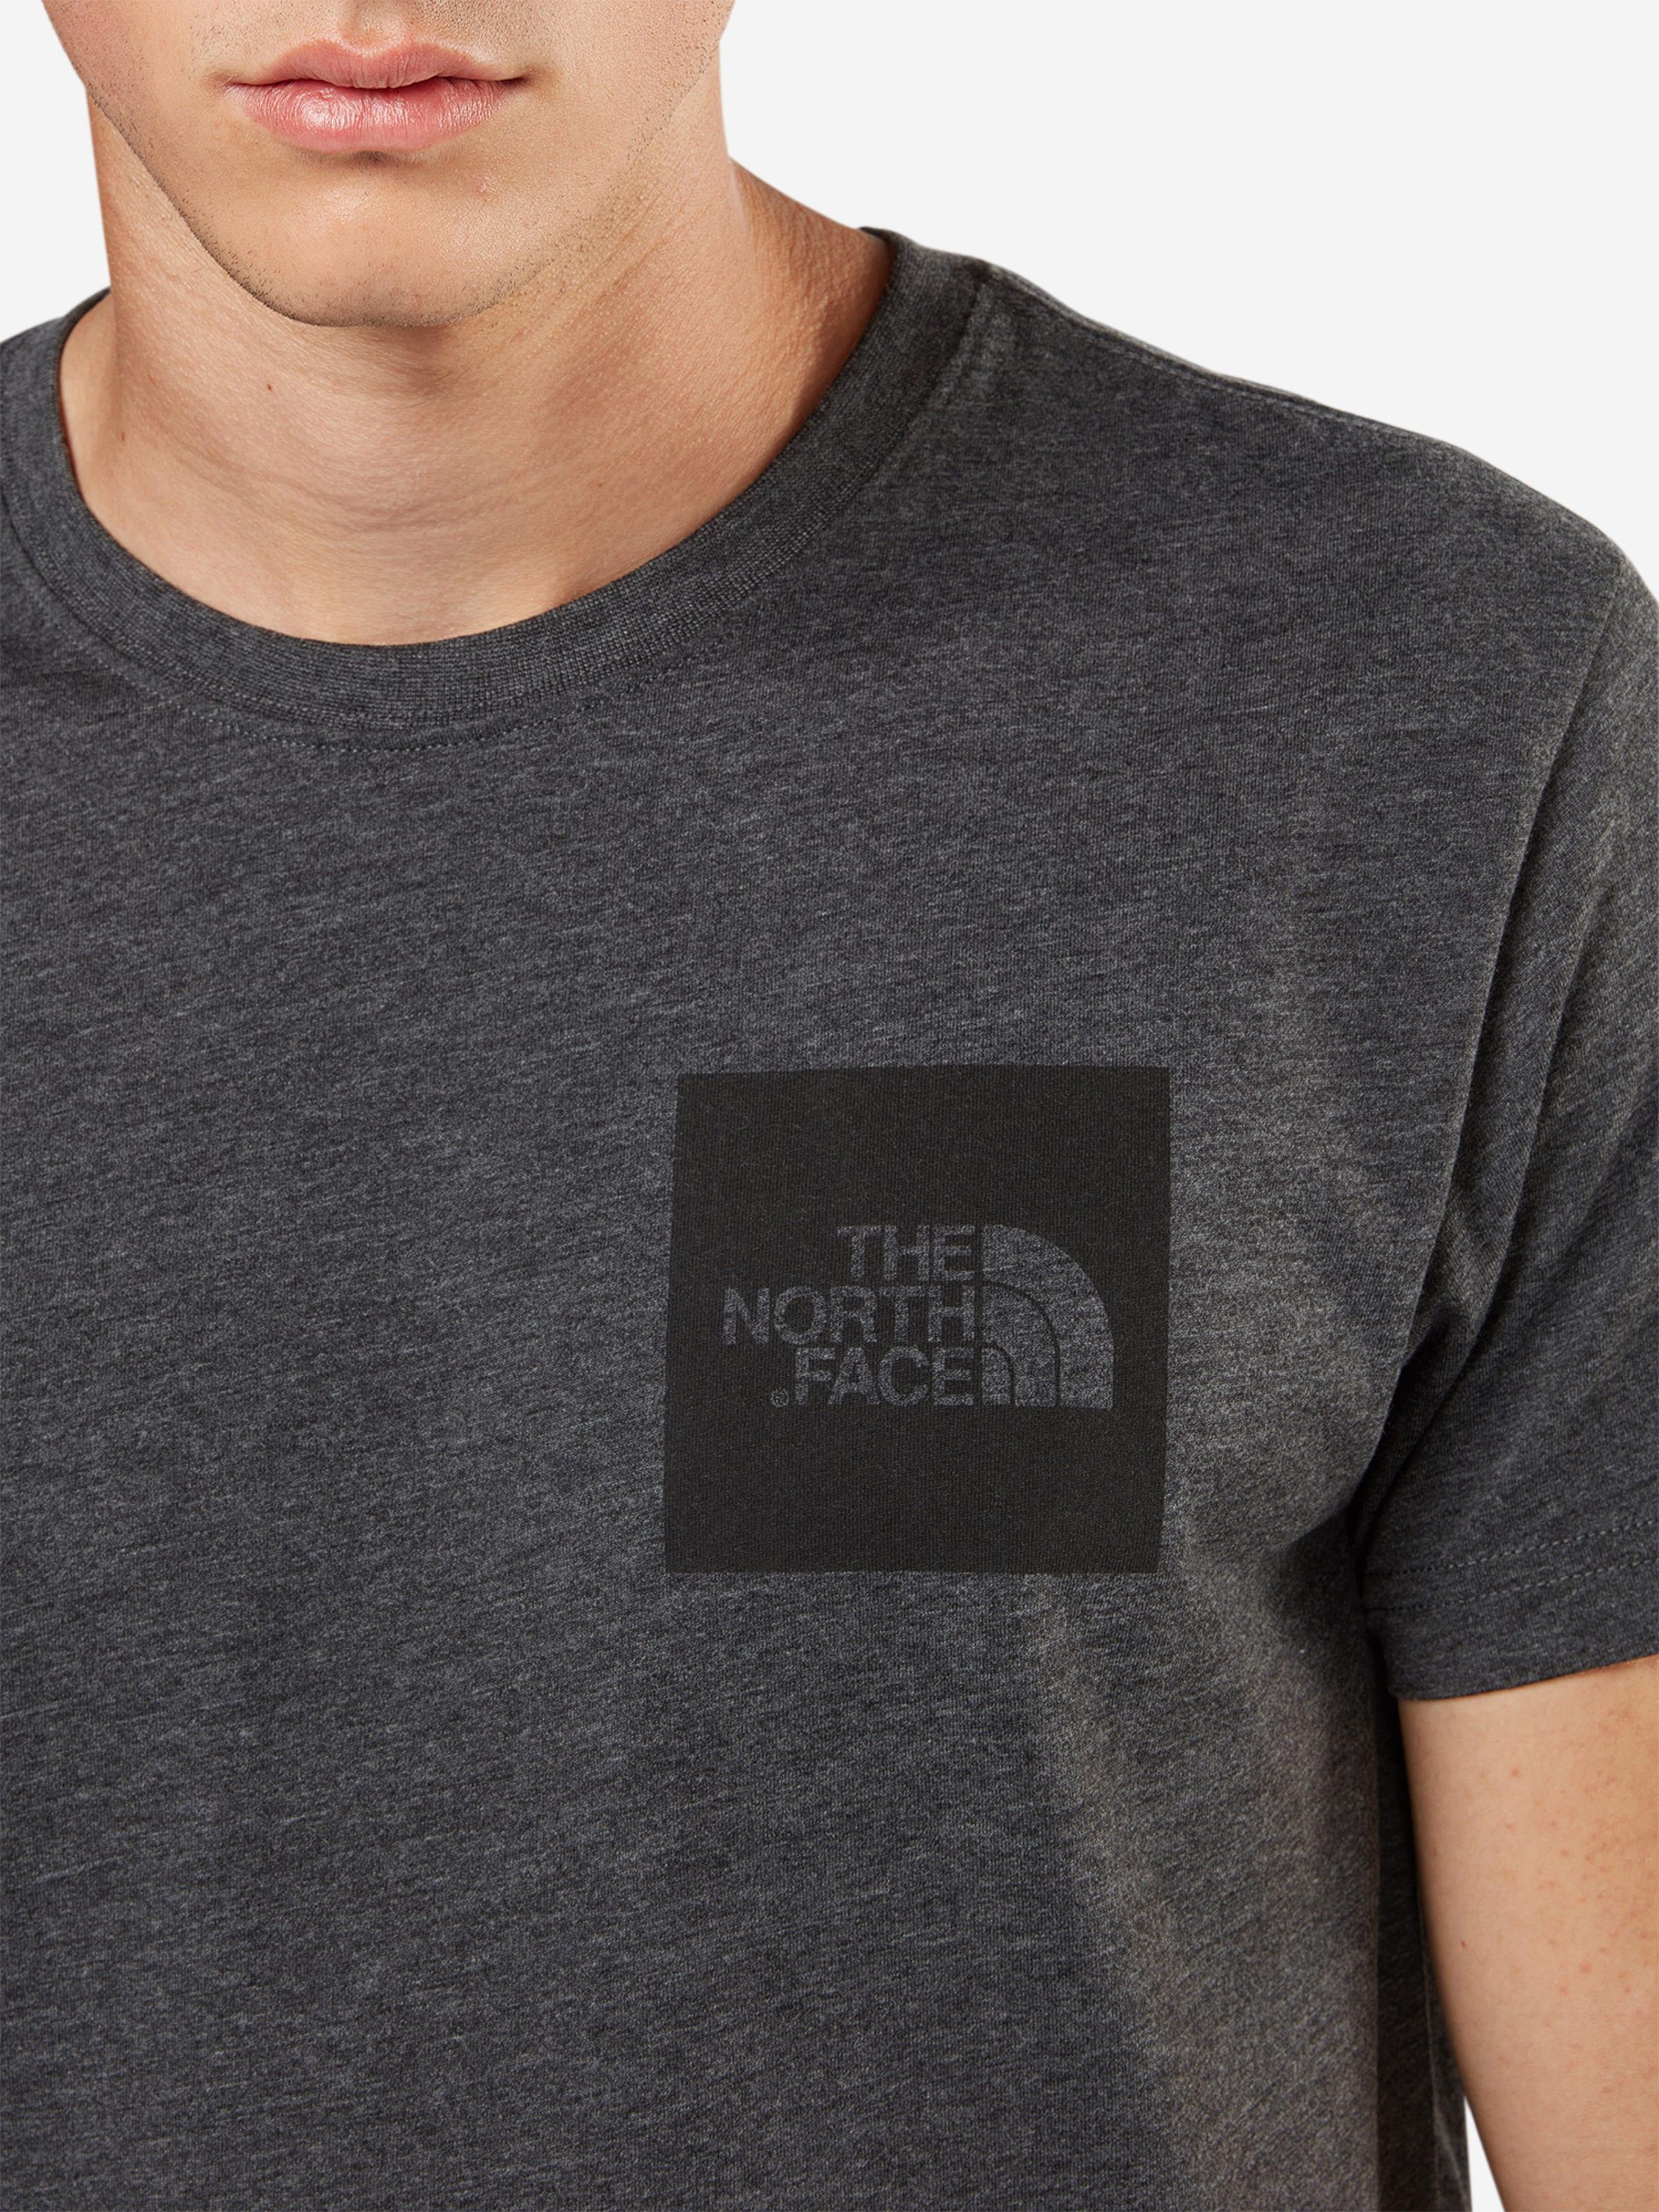 THE NORTH FACE T-Shirt 'M S/S FINE TEE' Freies Verschiffen 2018 Verkauf Am Besten 2018 Unisex Online Austrittsstellen Zum Verkauf Original-Verkauf BKib4